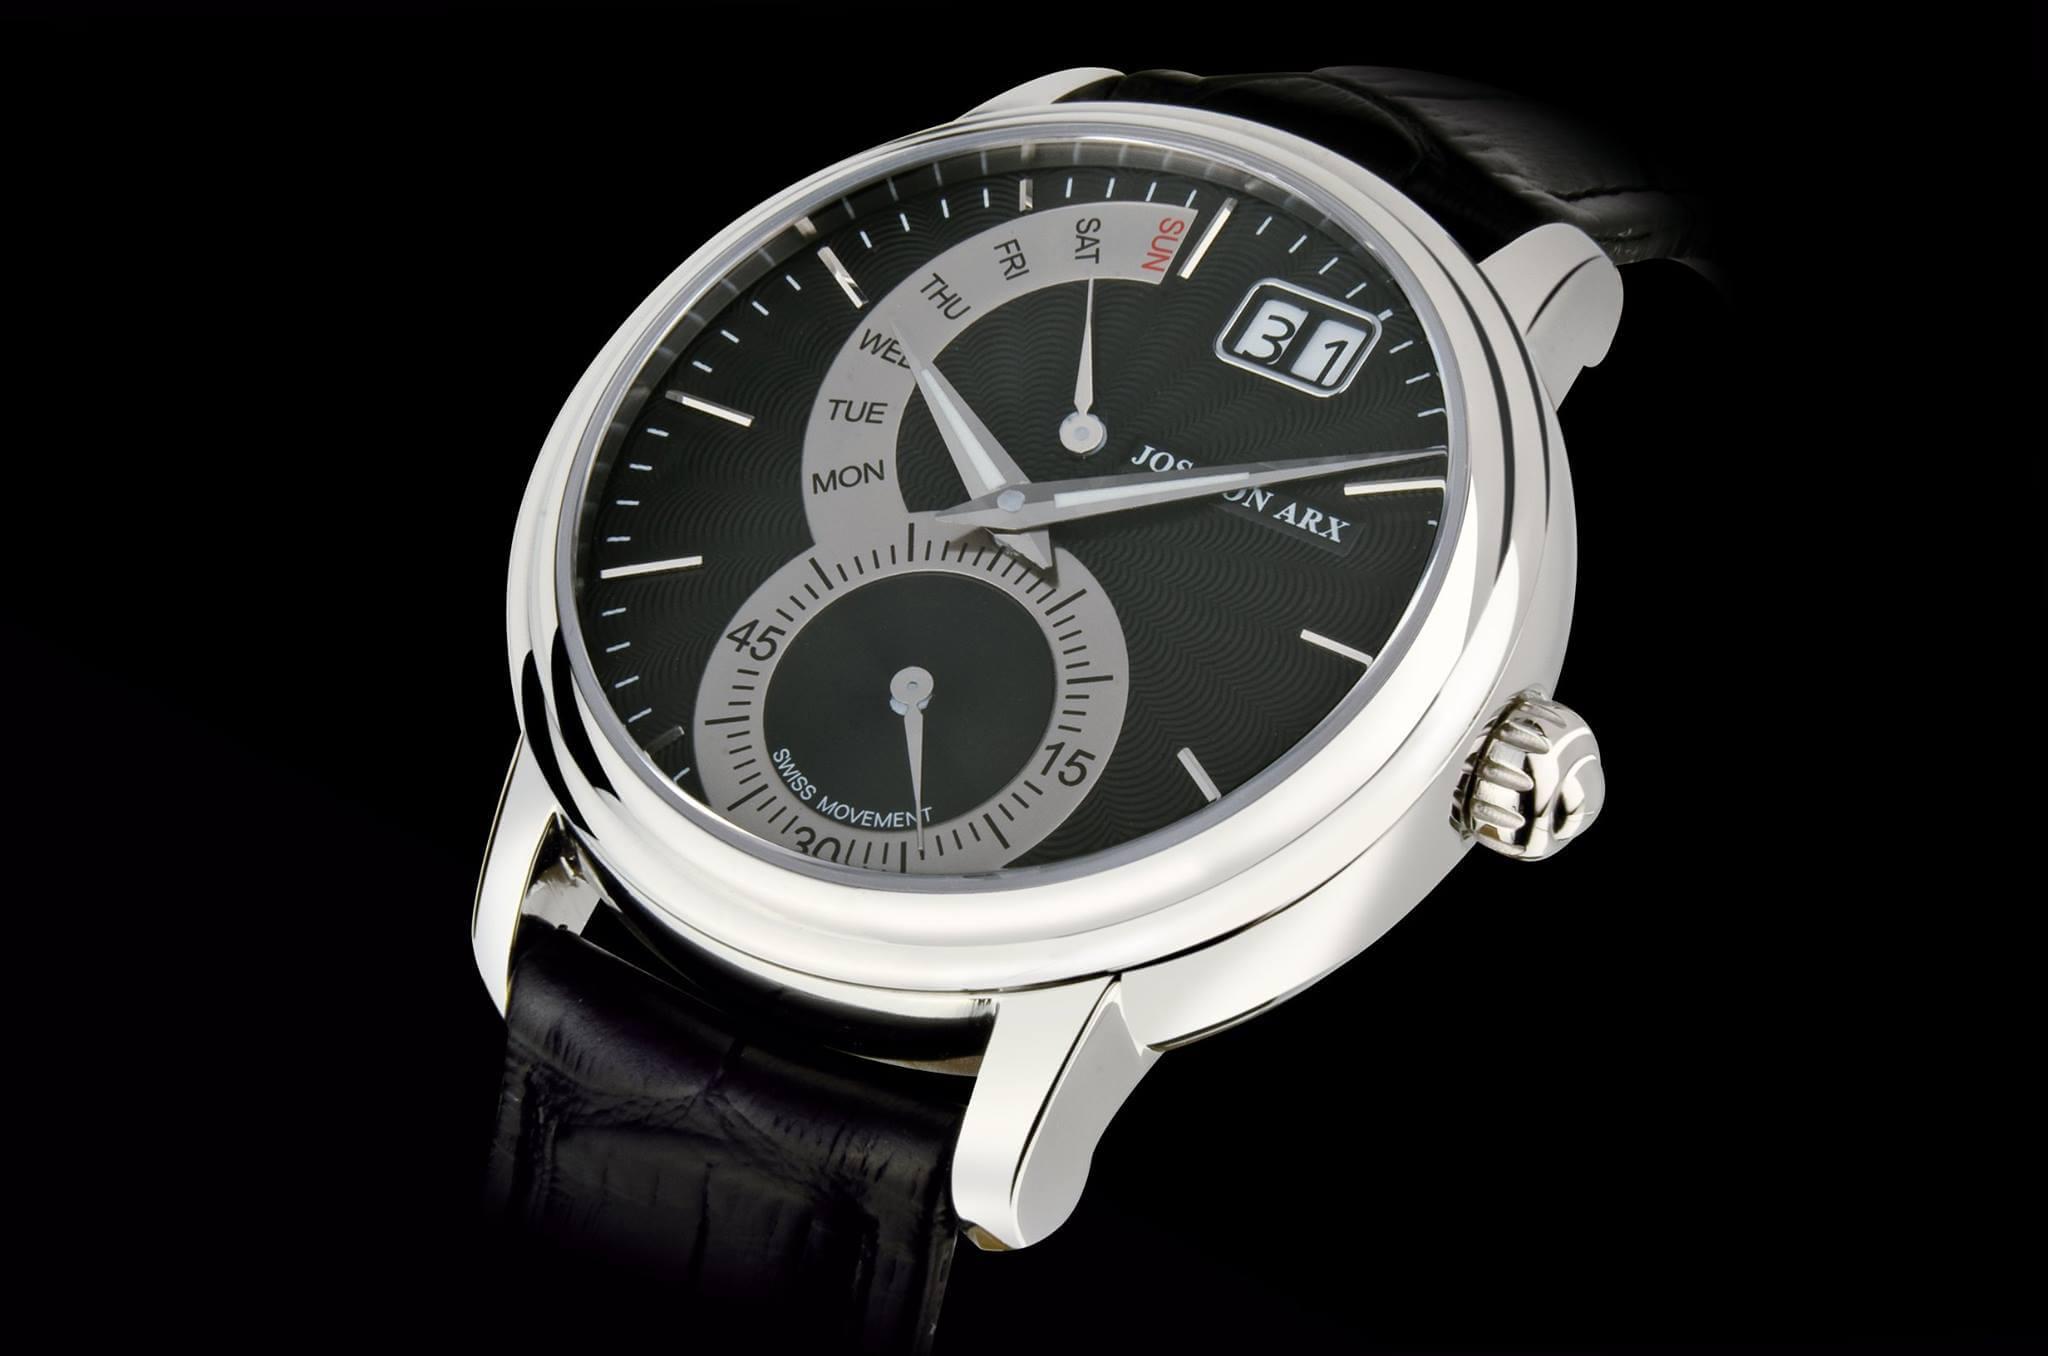 Jos Von arx watch